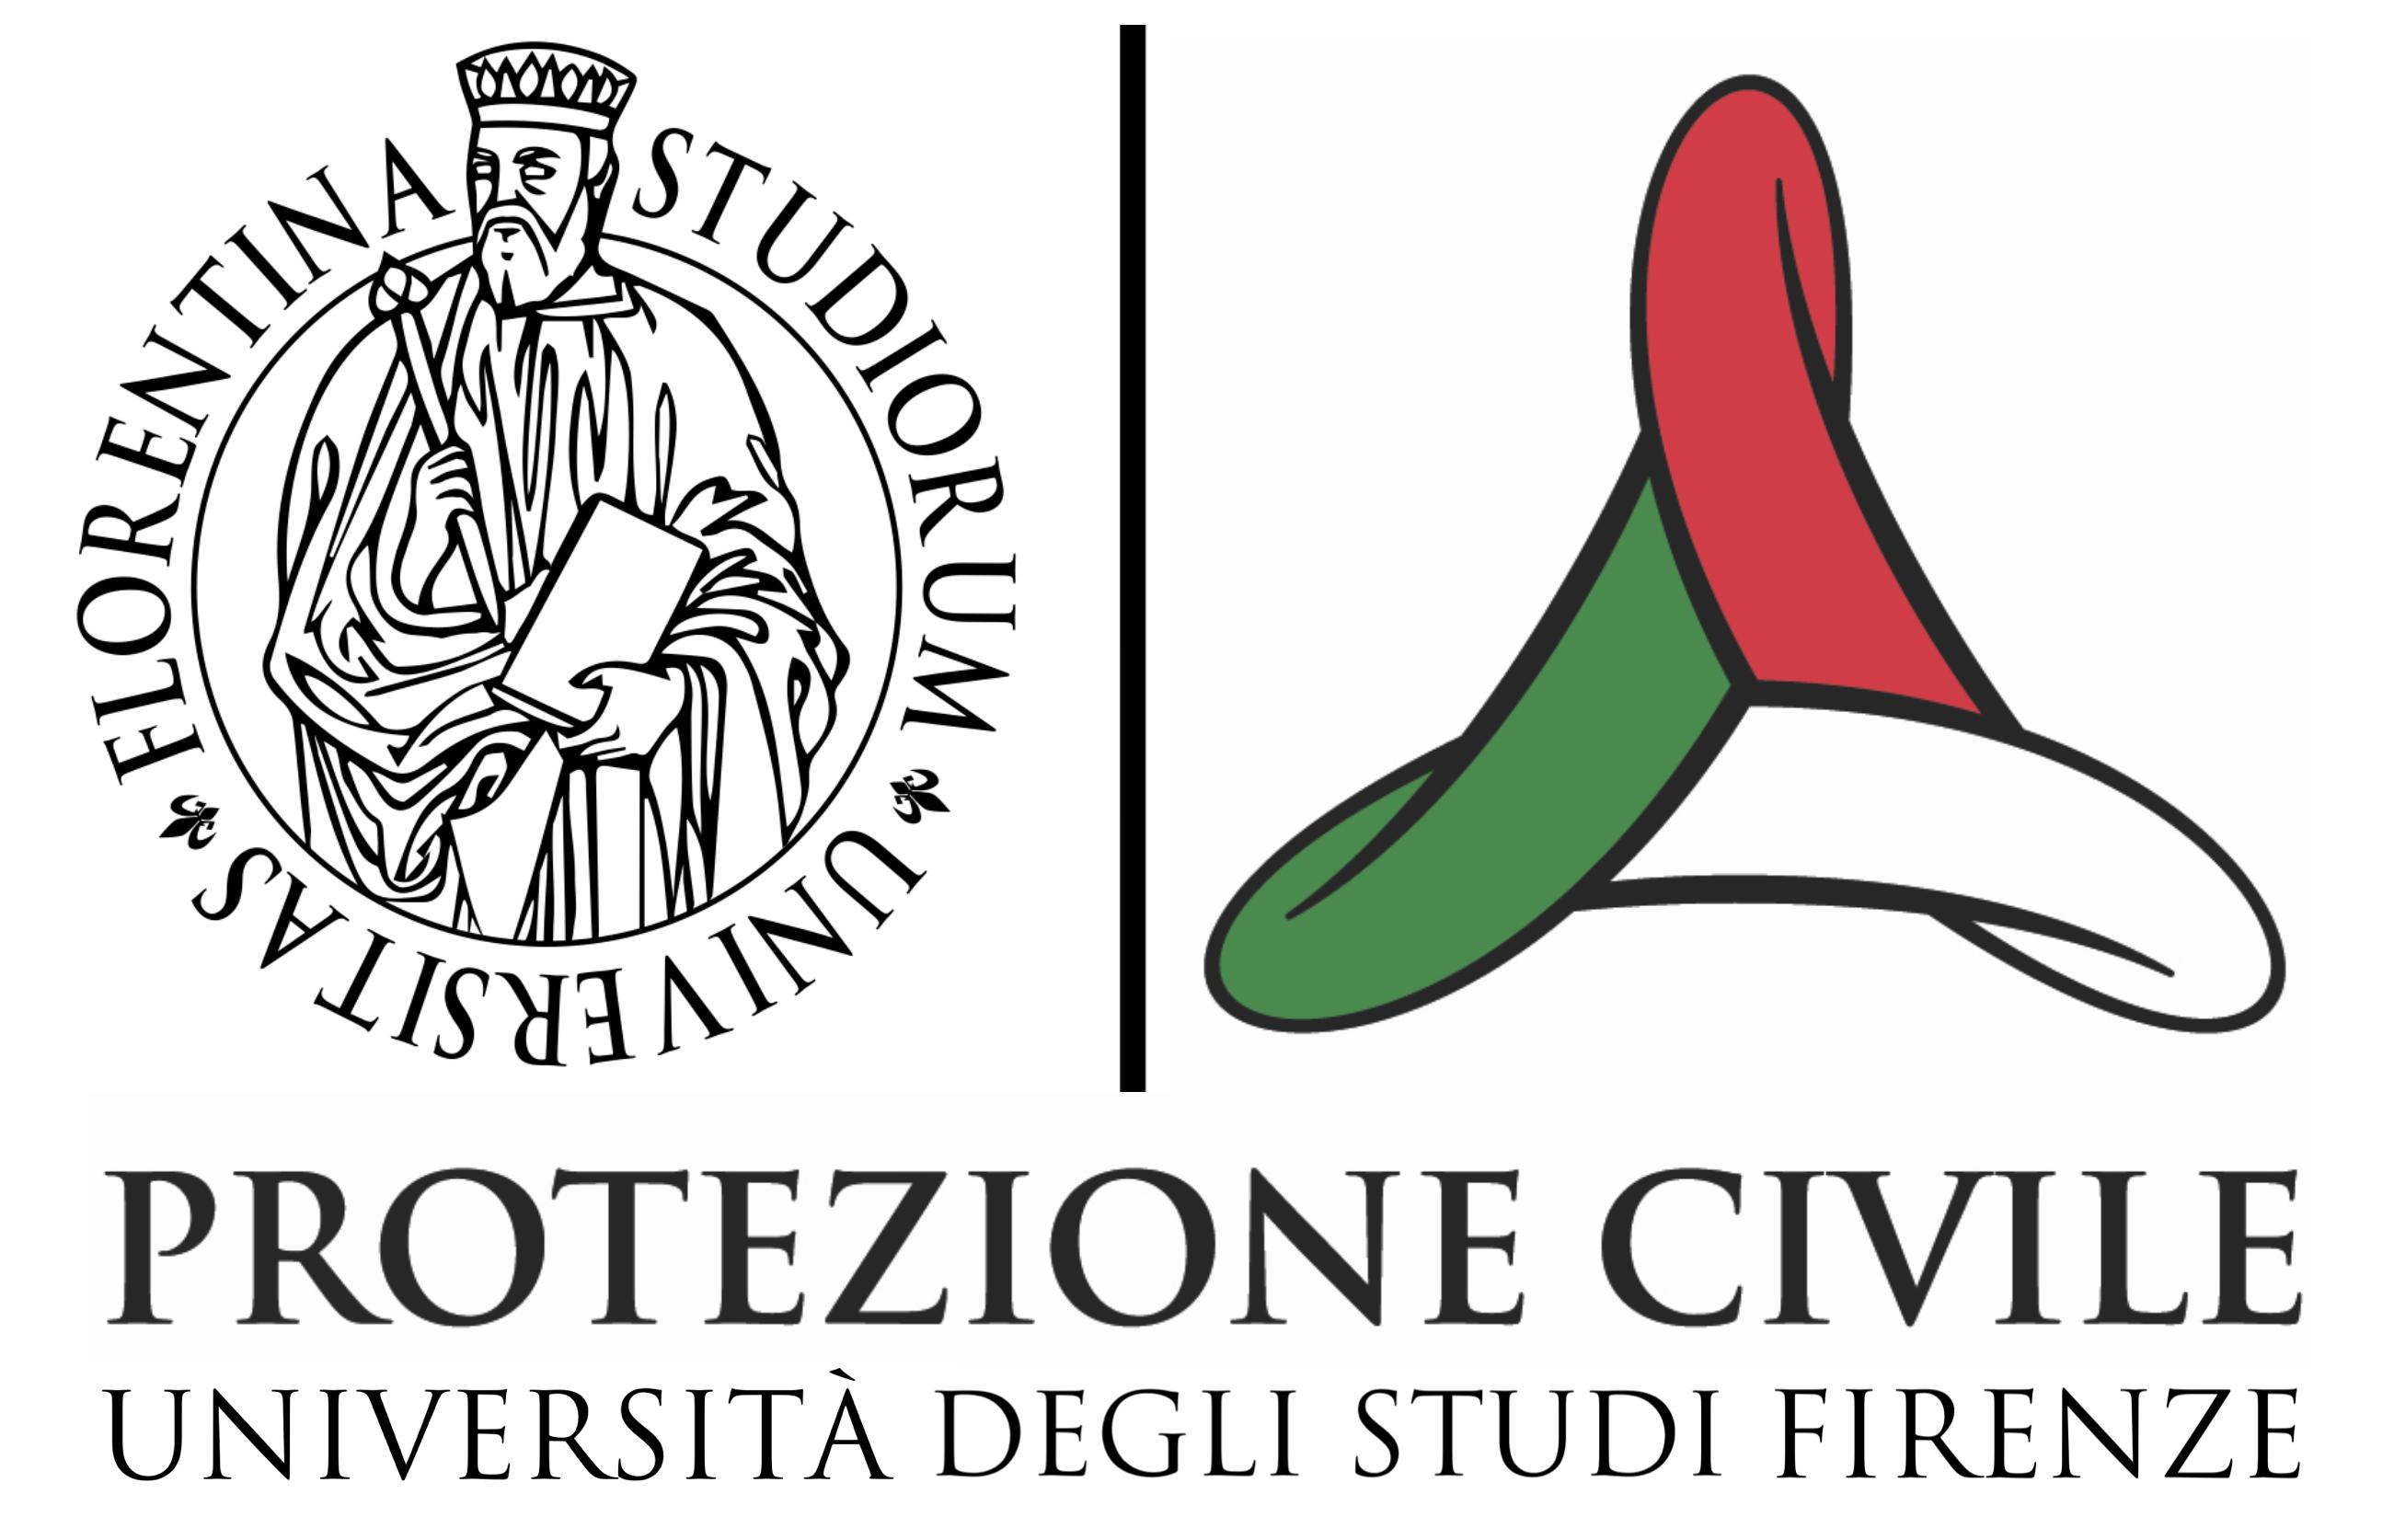 Centro di Protezione Civile dell'Università di Firenze